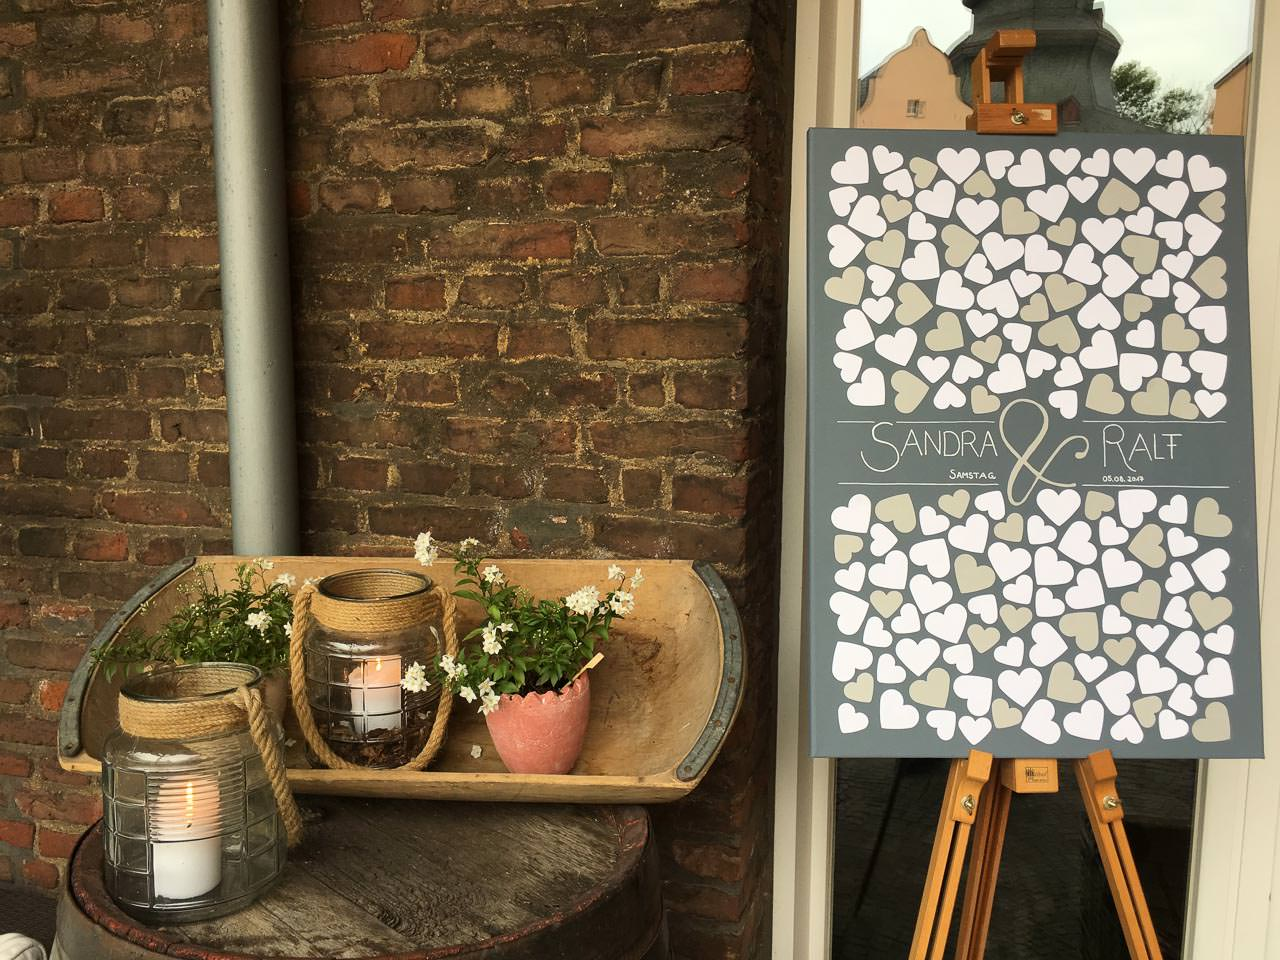 Tafel und Blumen-Deko im Innenhof